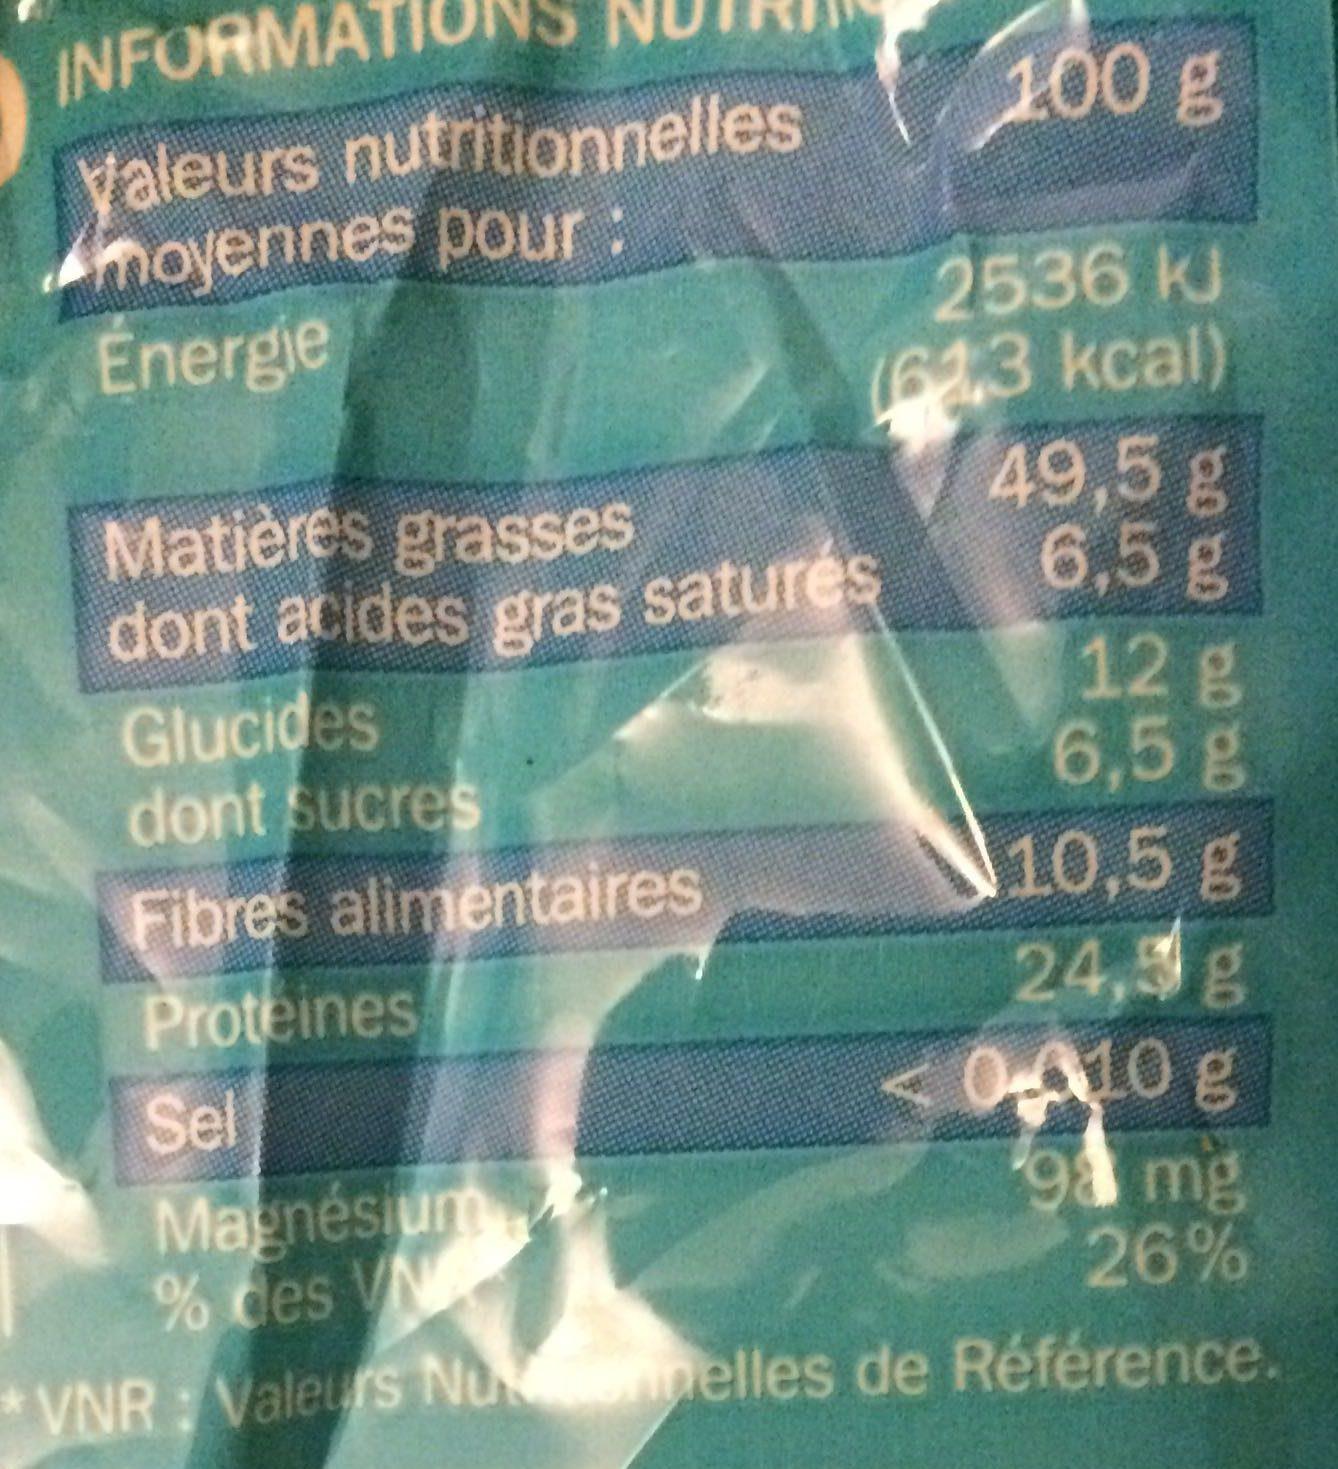 Pistaches sans sel - Nutrition facts - fr